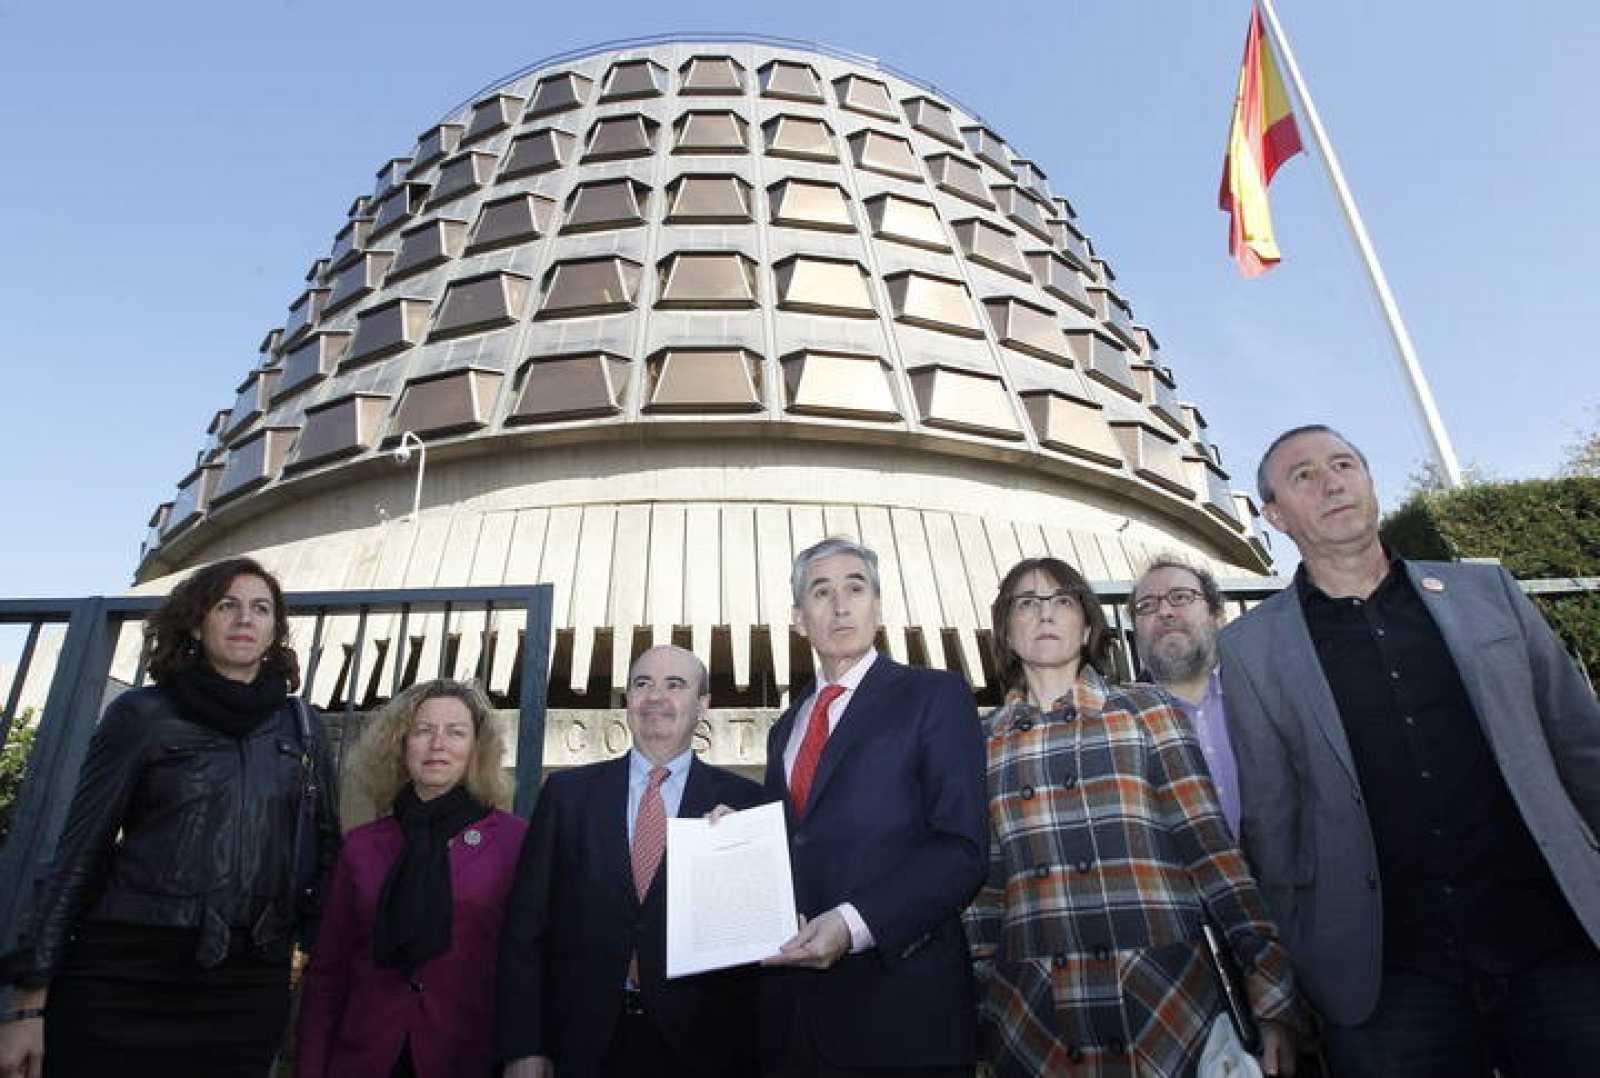 Grupos de la oposición presentan recurso de inconstitucionalidad contra la ley de reforma local.